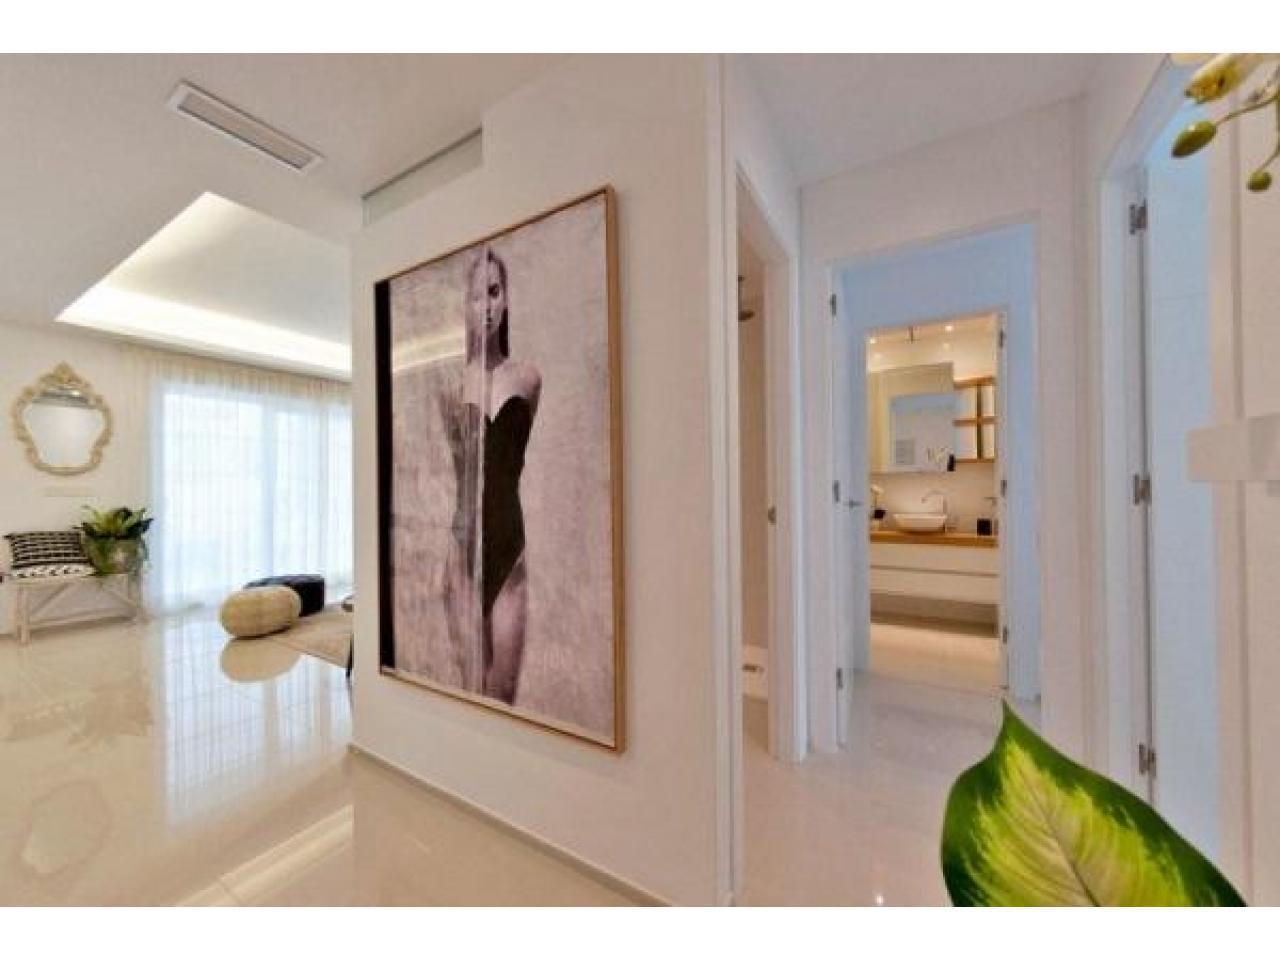 Недвижимость в Испании, Новые бунгало от застройщика в Сьюдад Кесада,Коста Бланка,Испания - 9